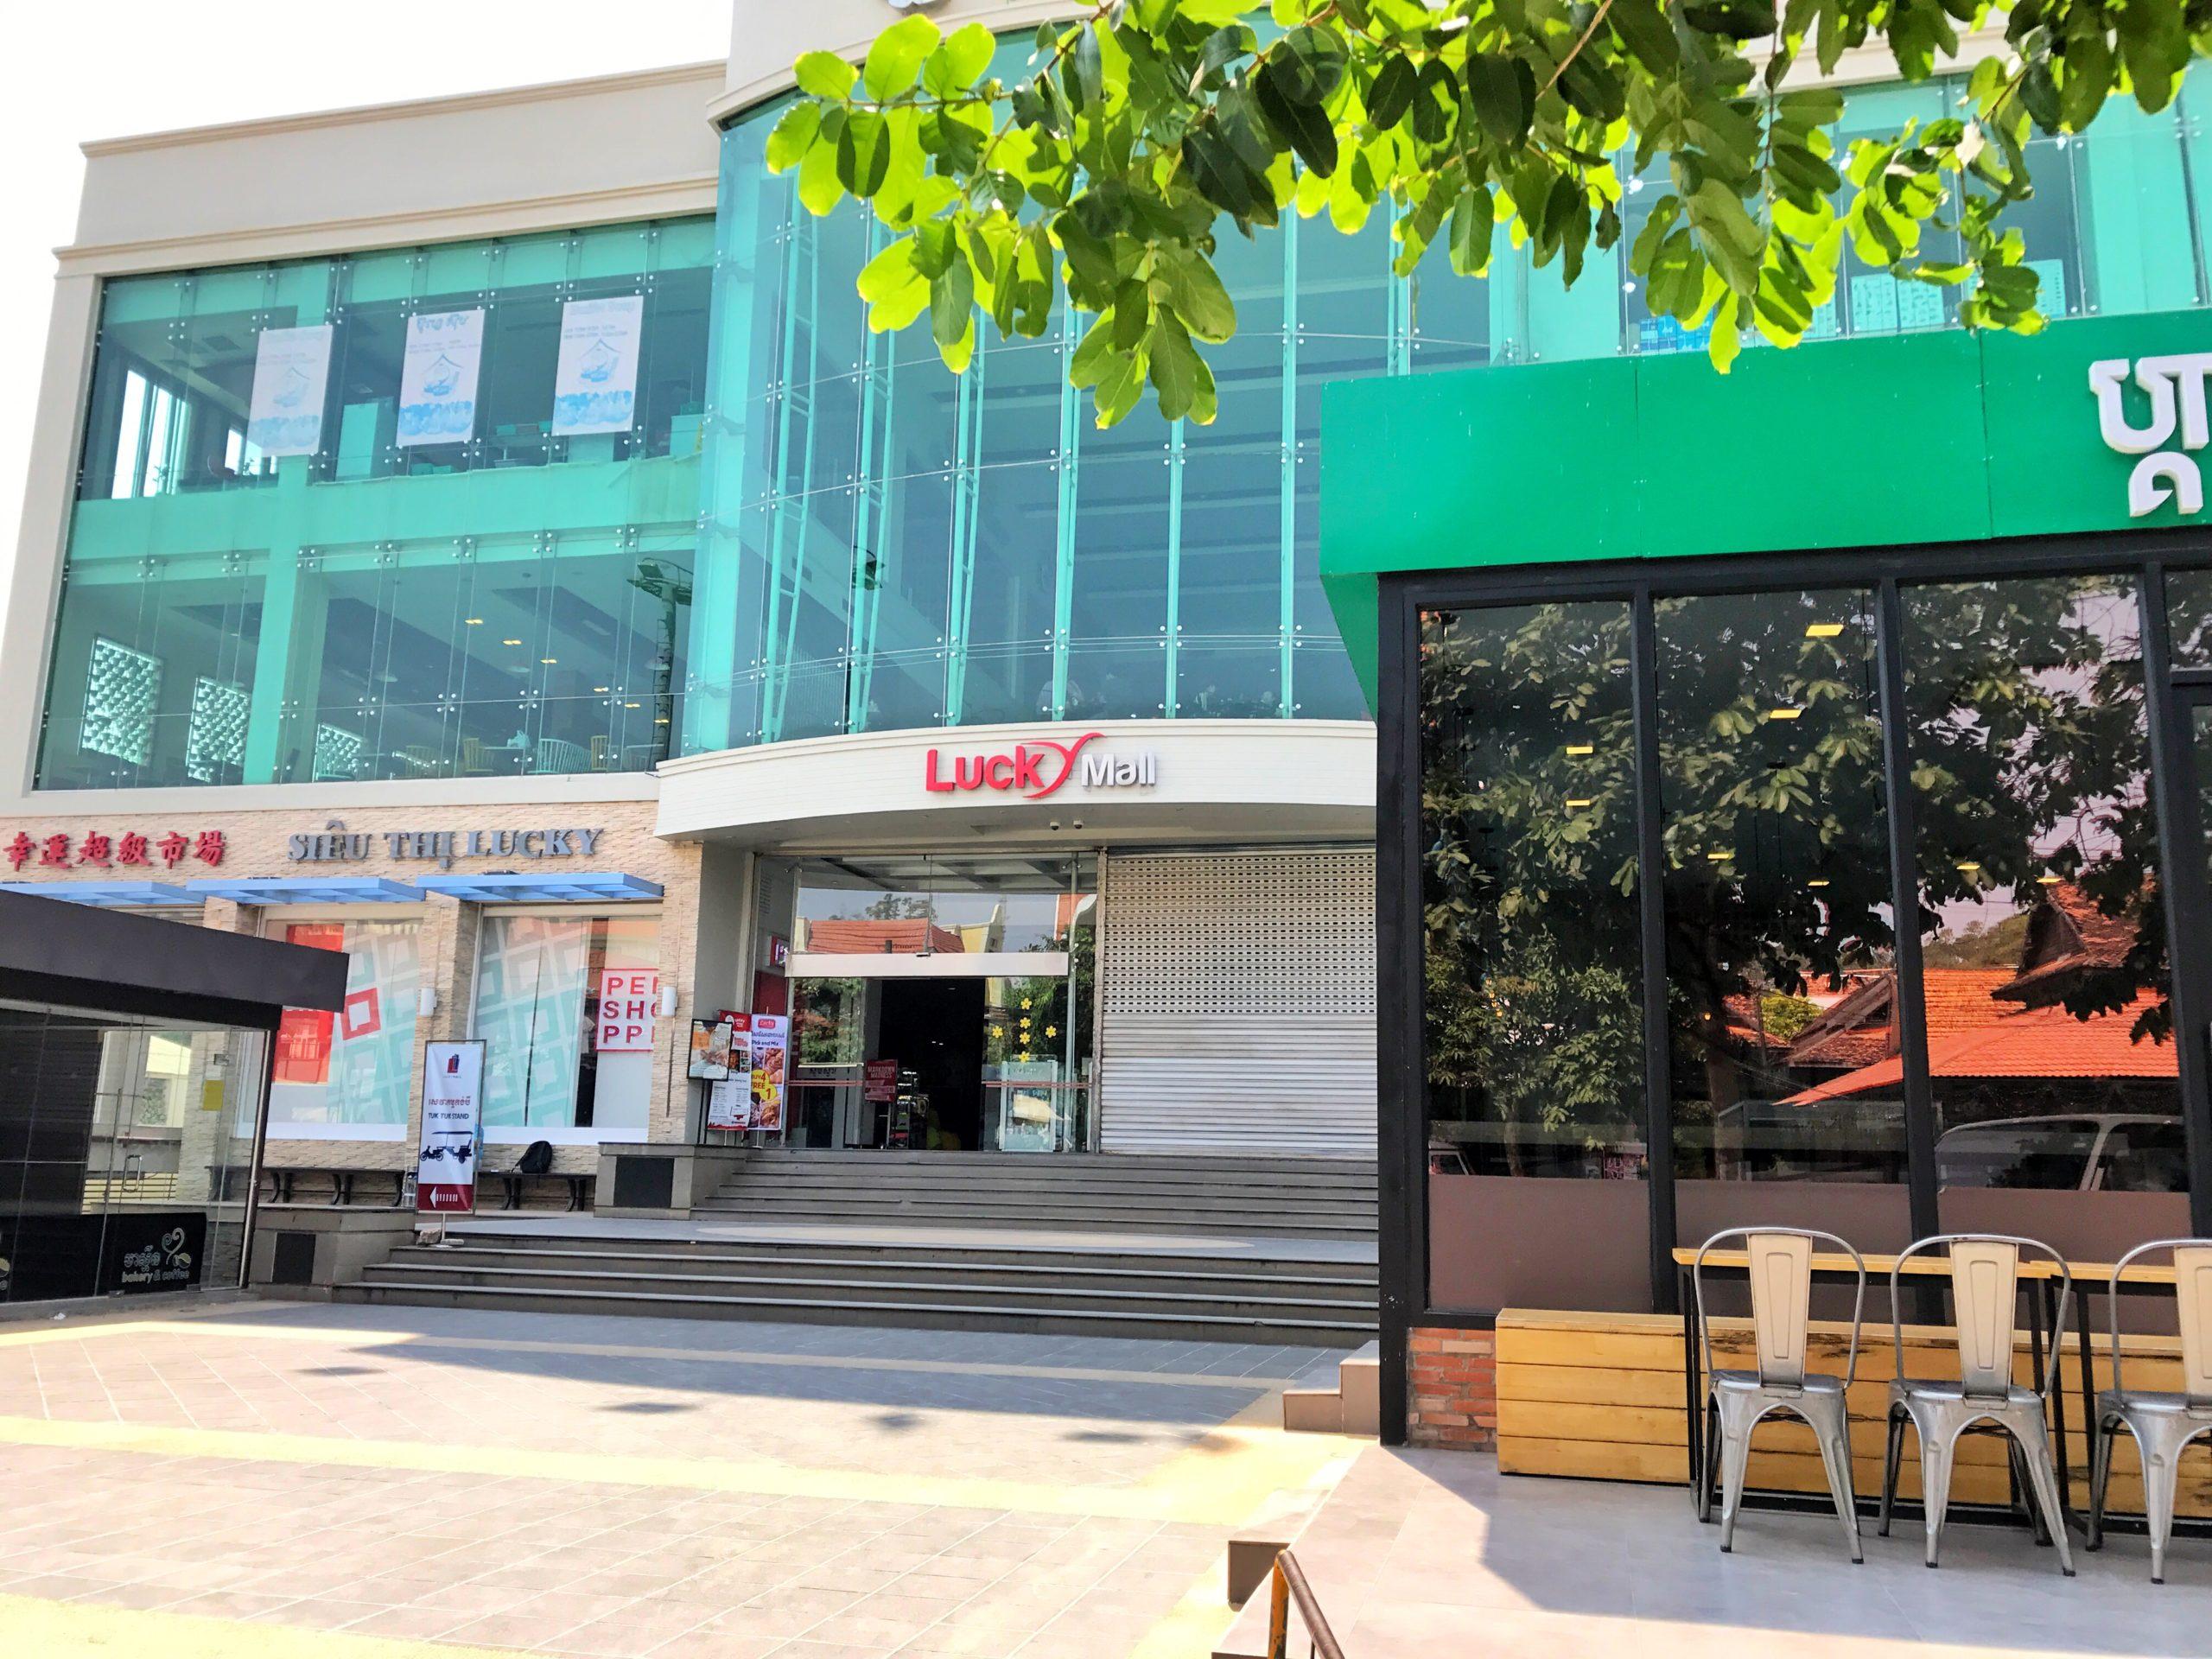 【カンボジア・シェムリアップ 】ラッキーモール・スーパーマーケットでお土産カンボジア胡椒を買おう!